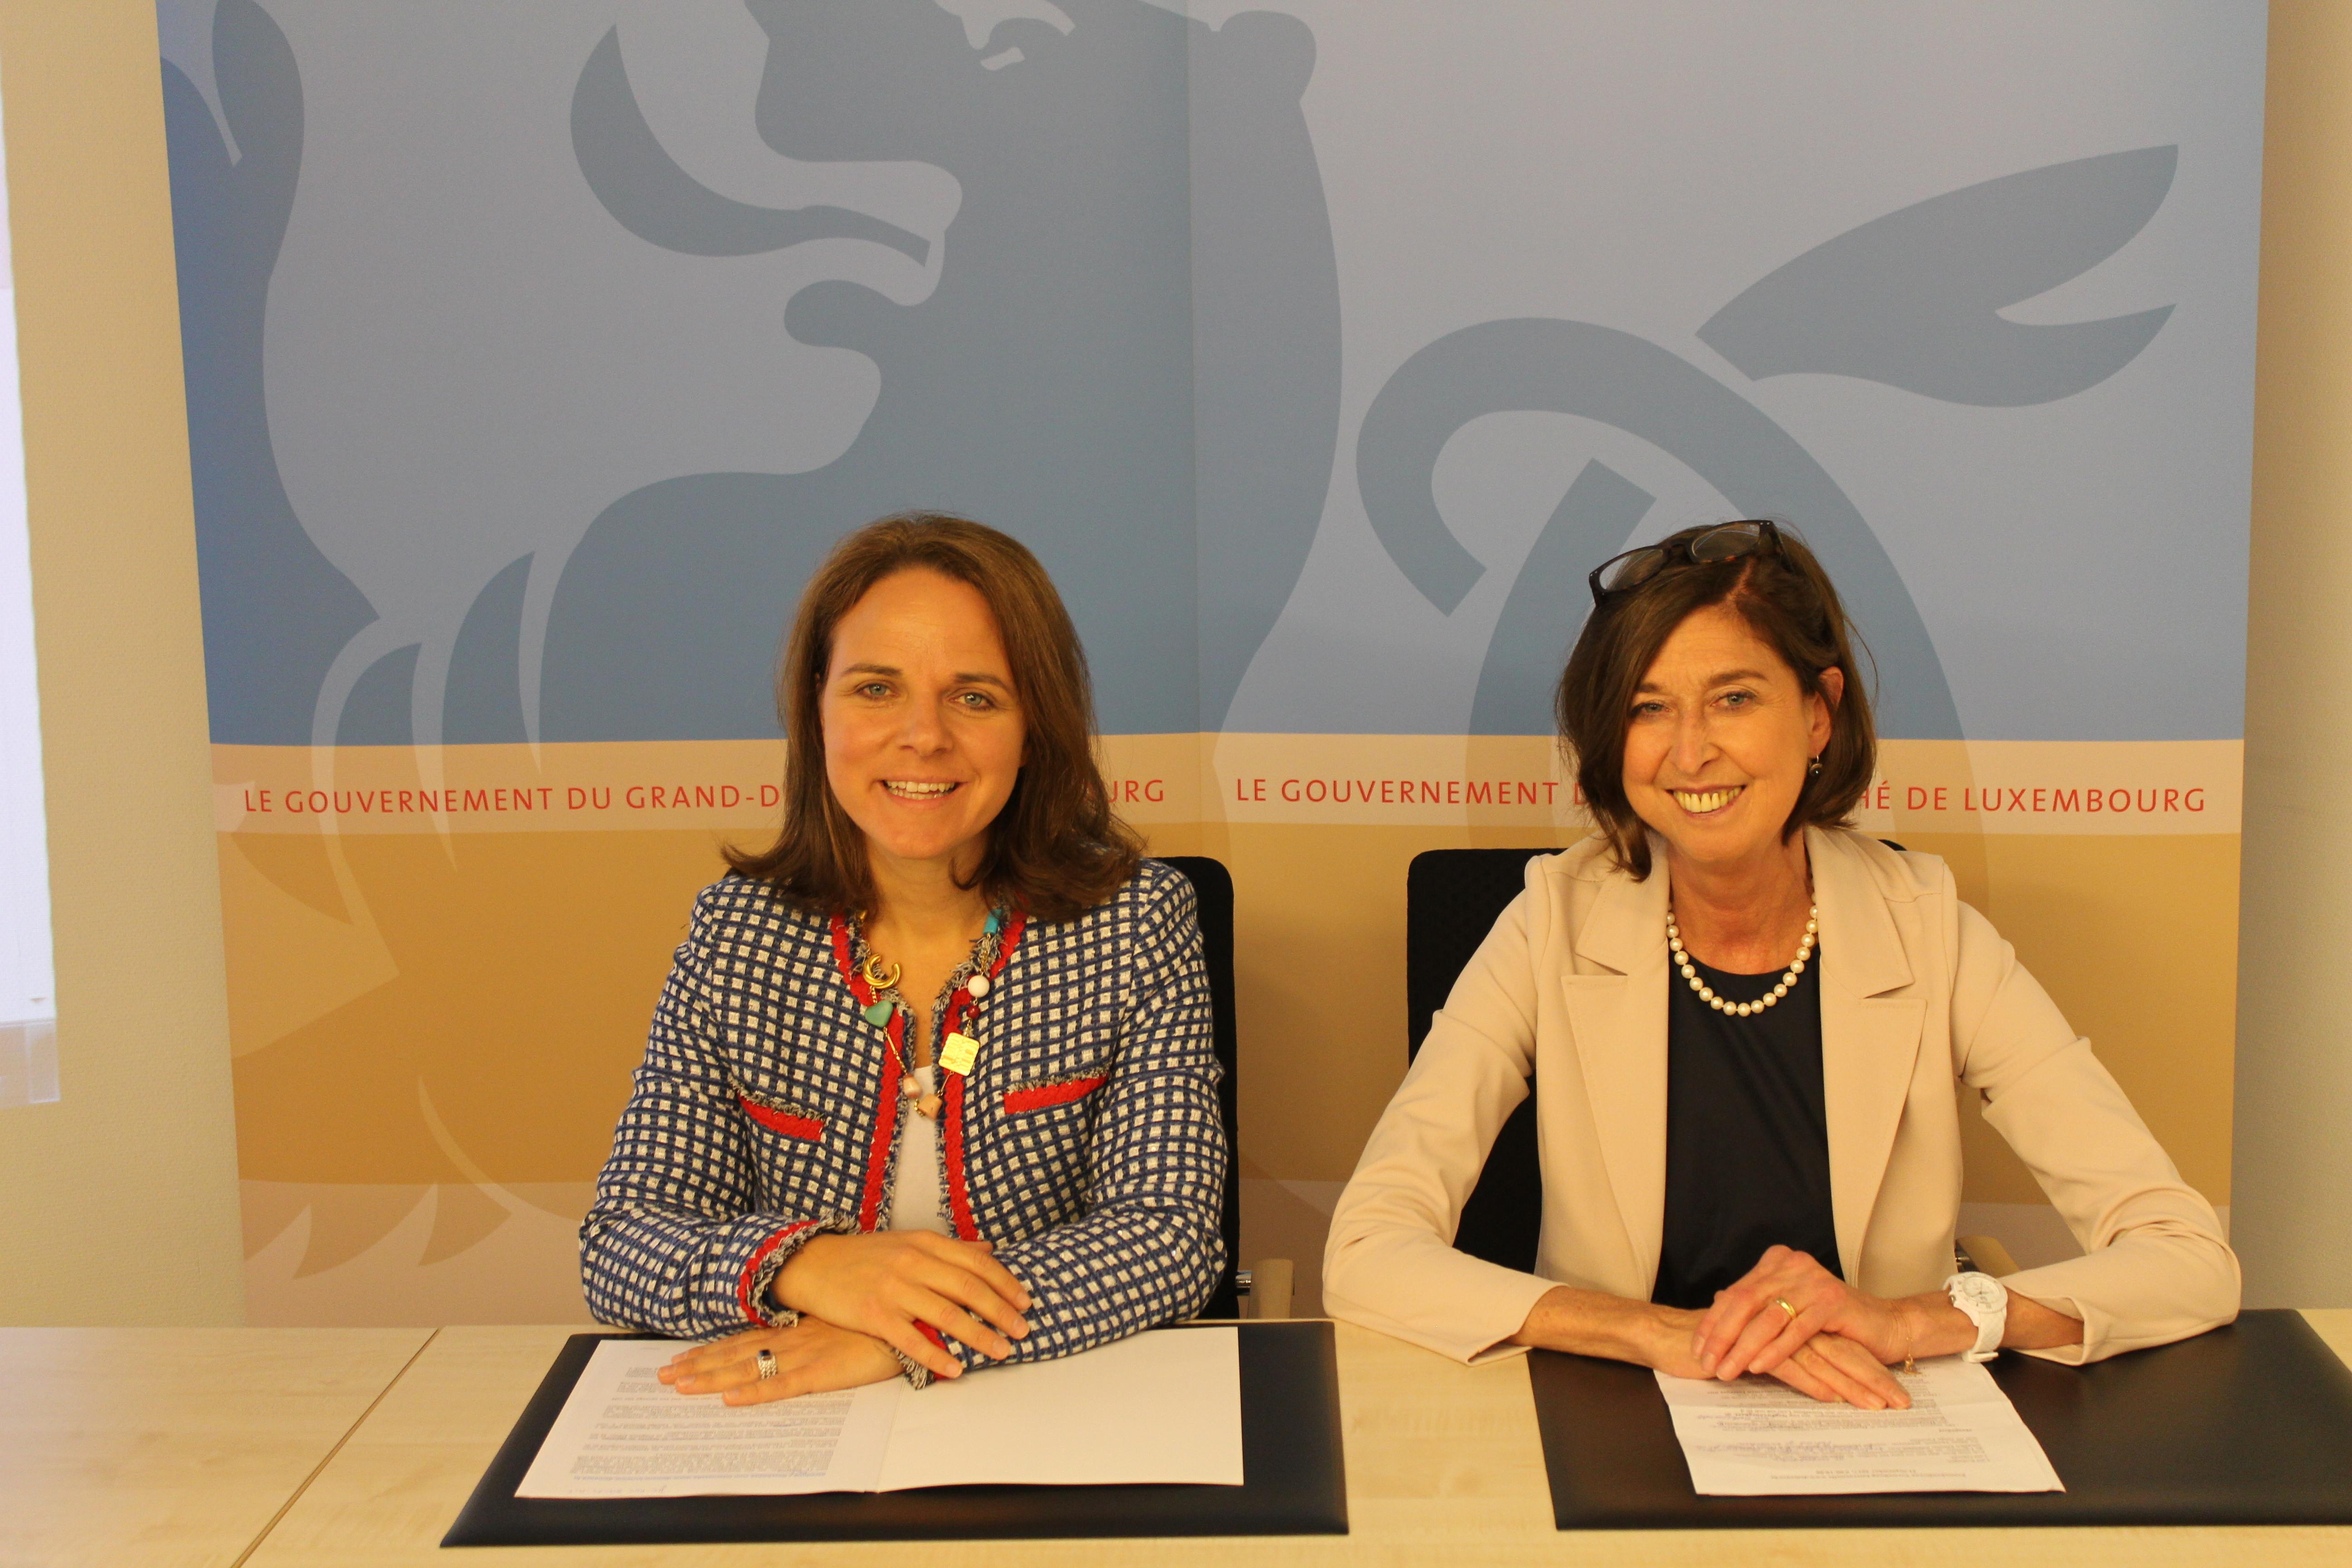 Lancent un nouveau site Internet: www.demenz.lu / www.demence.lu, (de g. à dr.) Corinne Cahen, ministre de la Famille et de l'Intégration ; Lydia Mutsch, ministre de la Santé